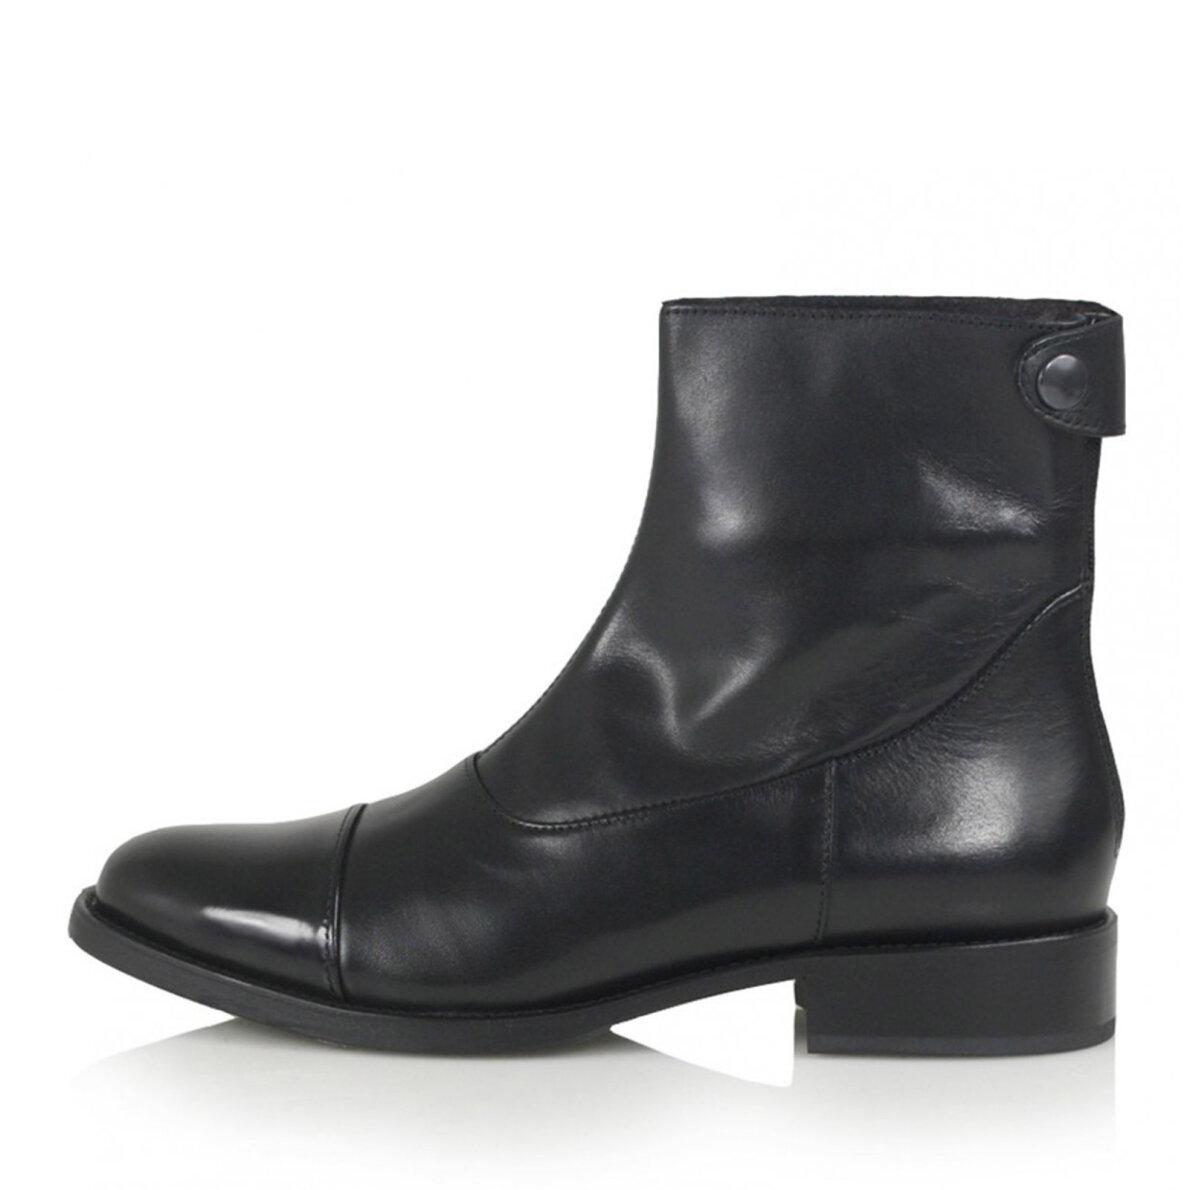 Billi Bi klassisk støvlet m. hæl